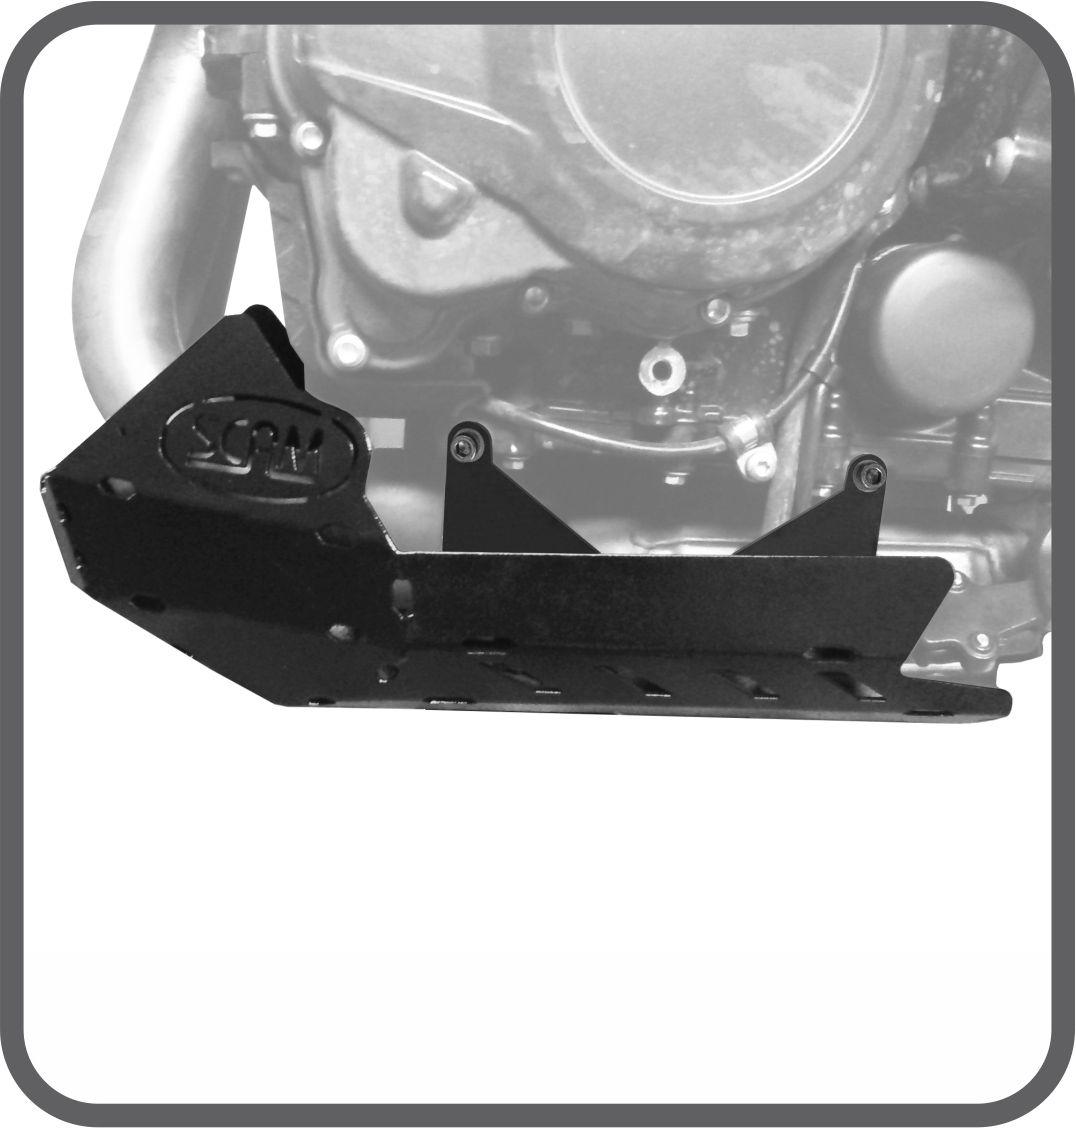 Protetor de Carter para Triumph Tiger Explorer 1200 - Scam